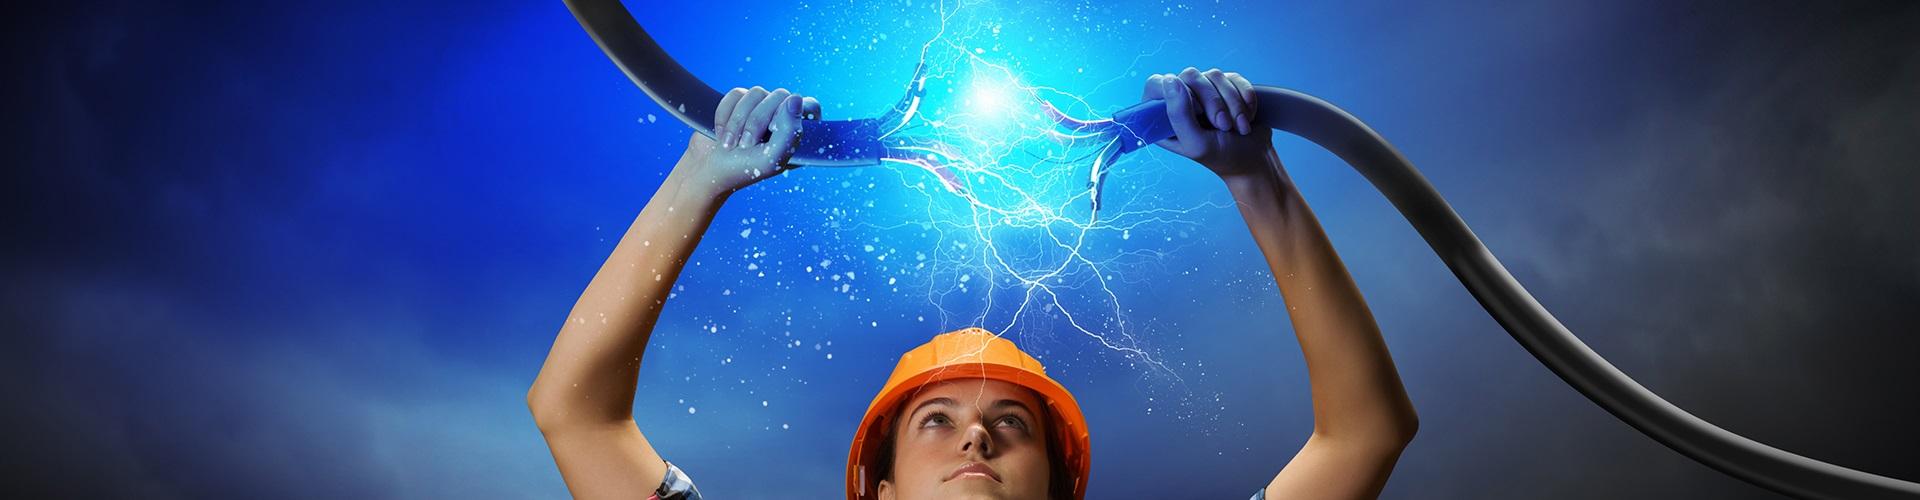 AZ Elettrica Impianti elettrici